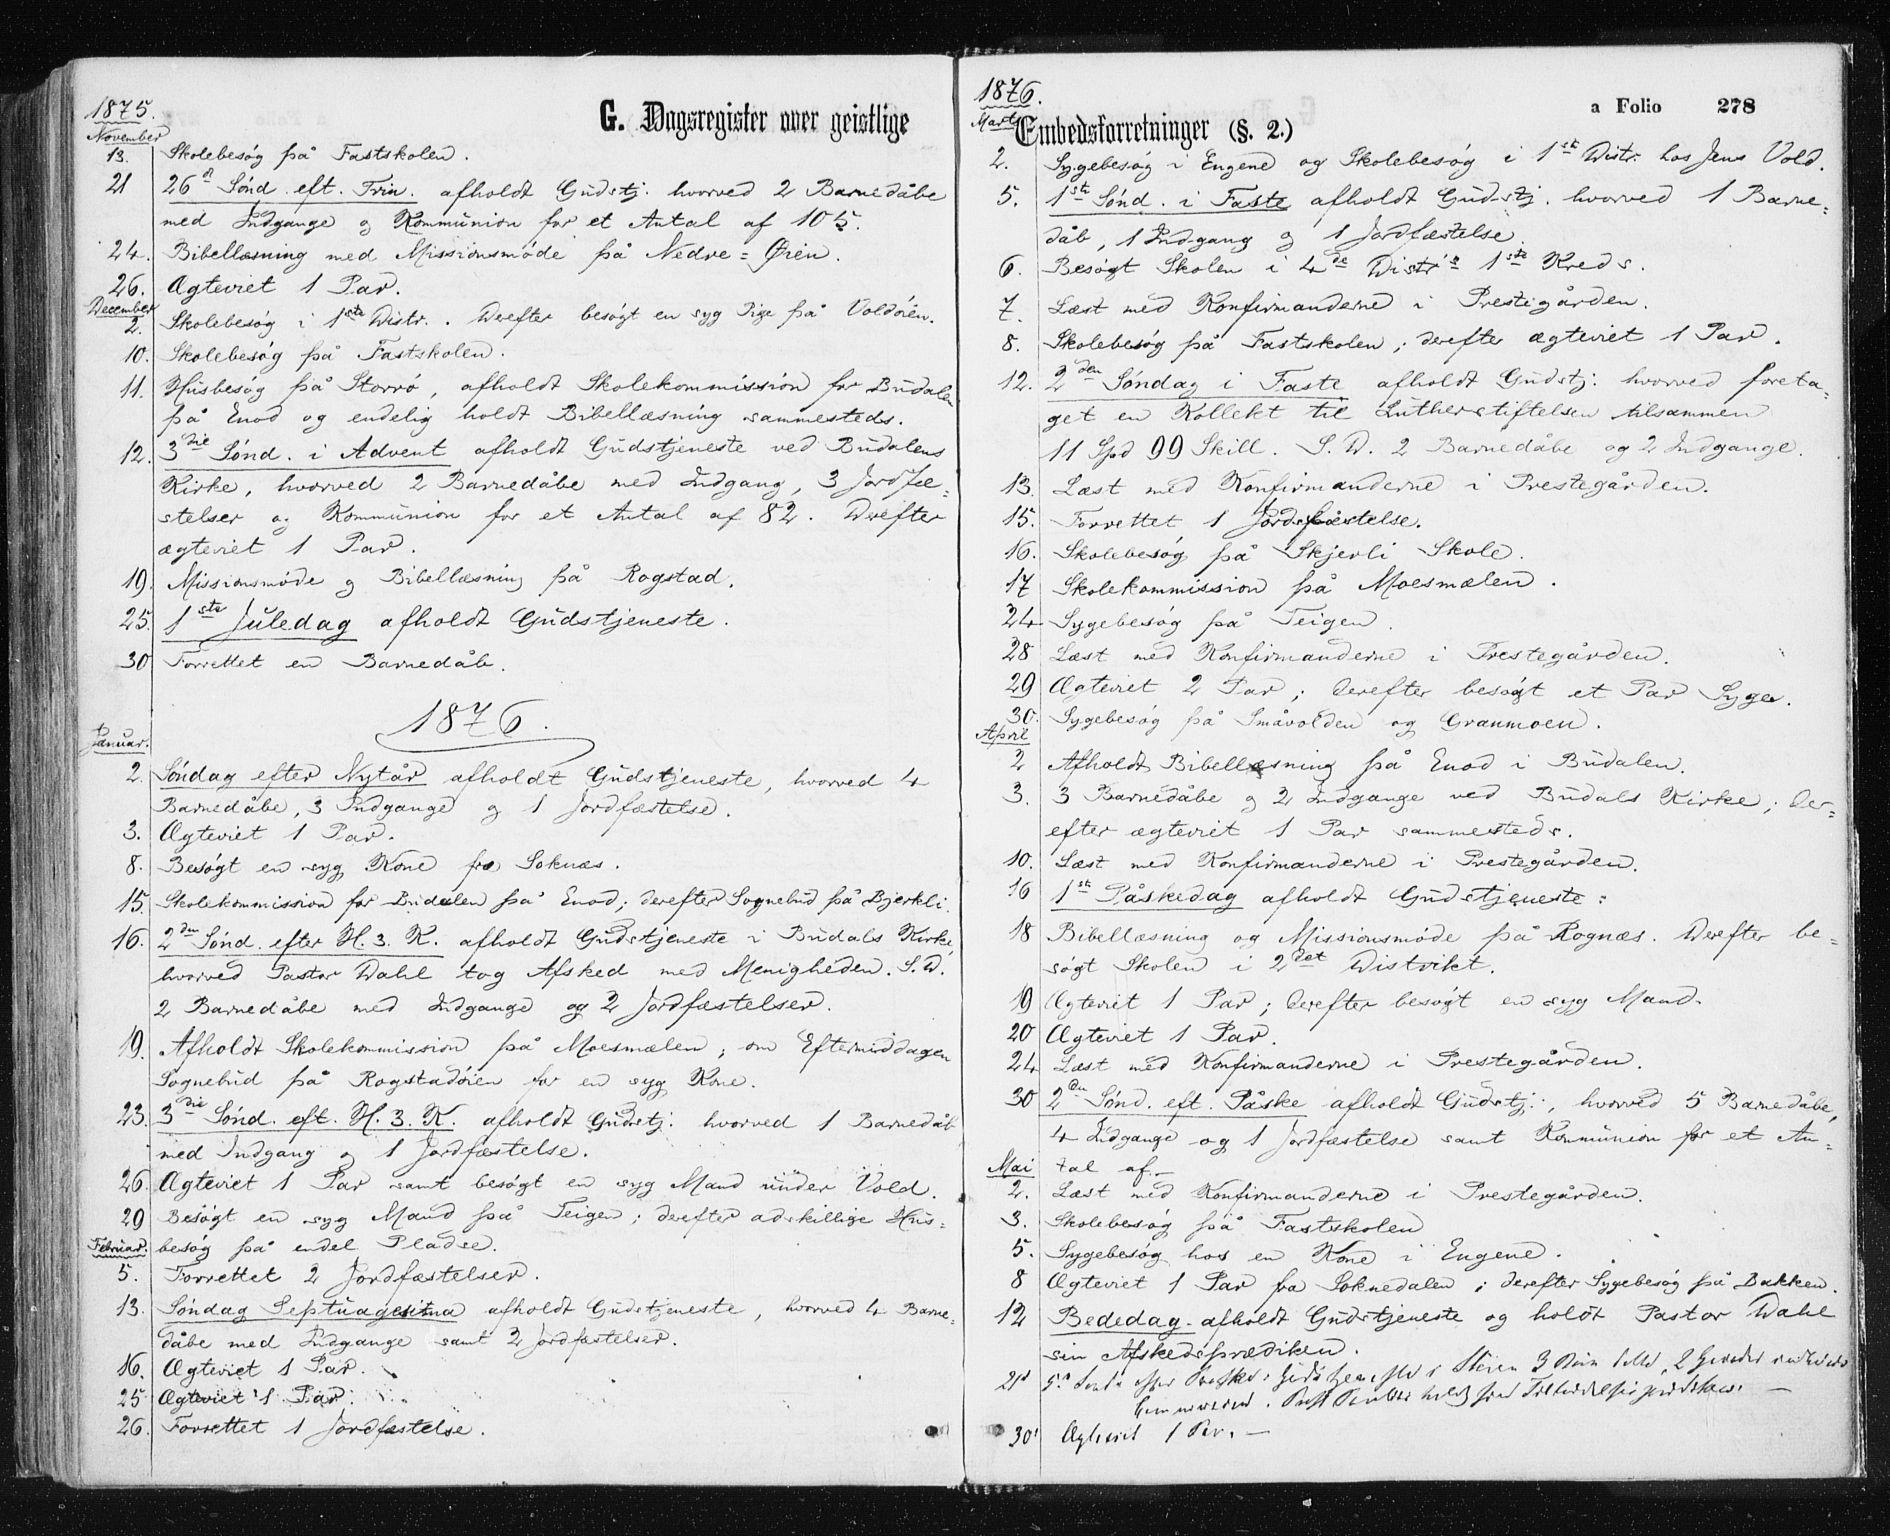 SAT, Ministerialprotokoller, klokkerbøker og fødselsregistre - Sør-Trøndelag, 687/L1001: Ministerialbok nr. 687A07, 1863-1878, s. 278